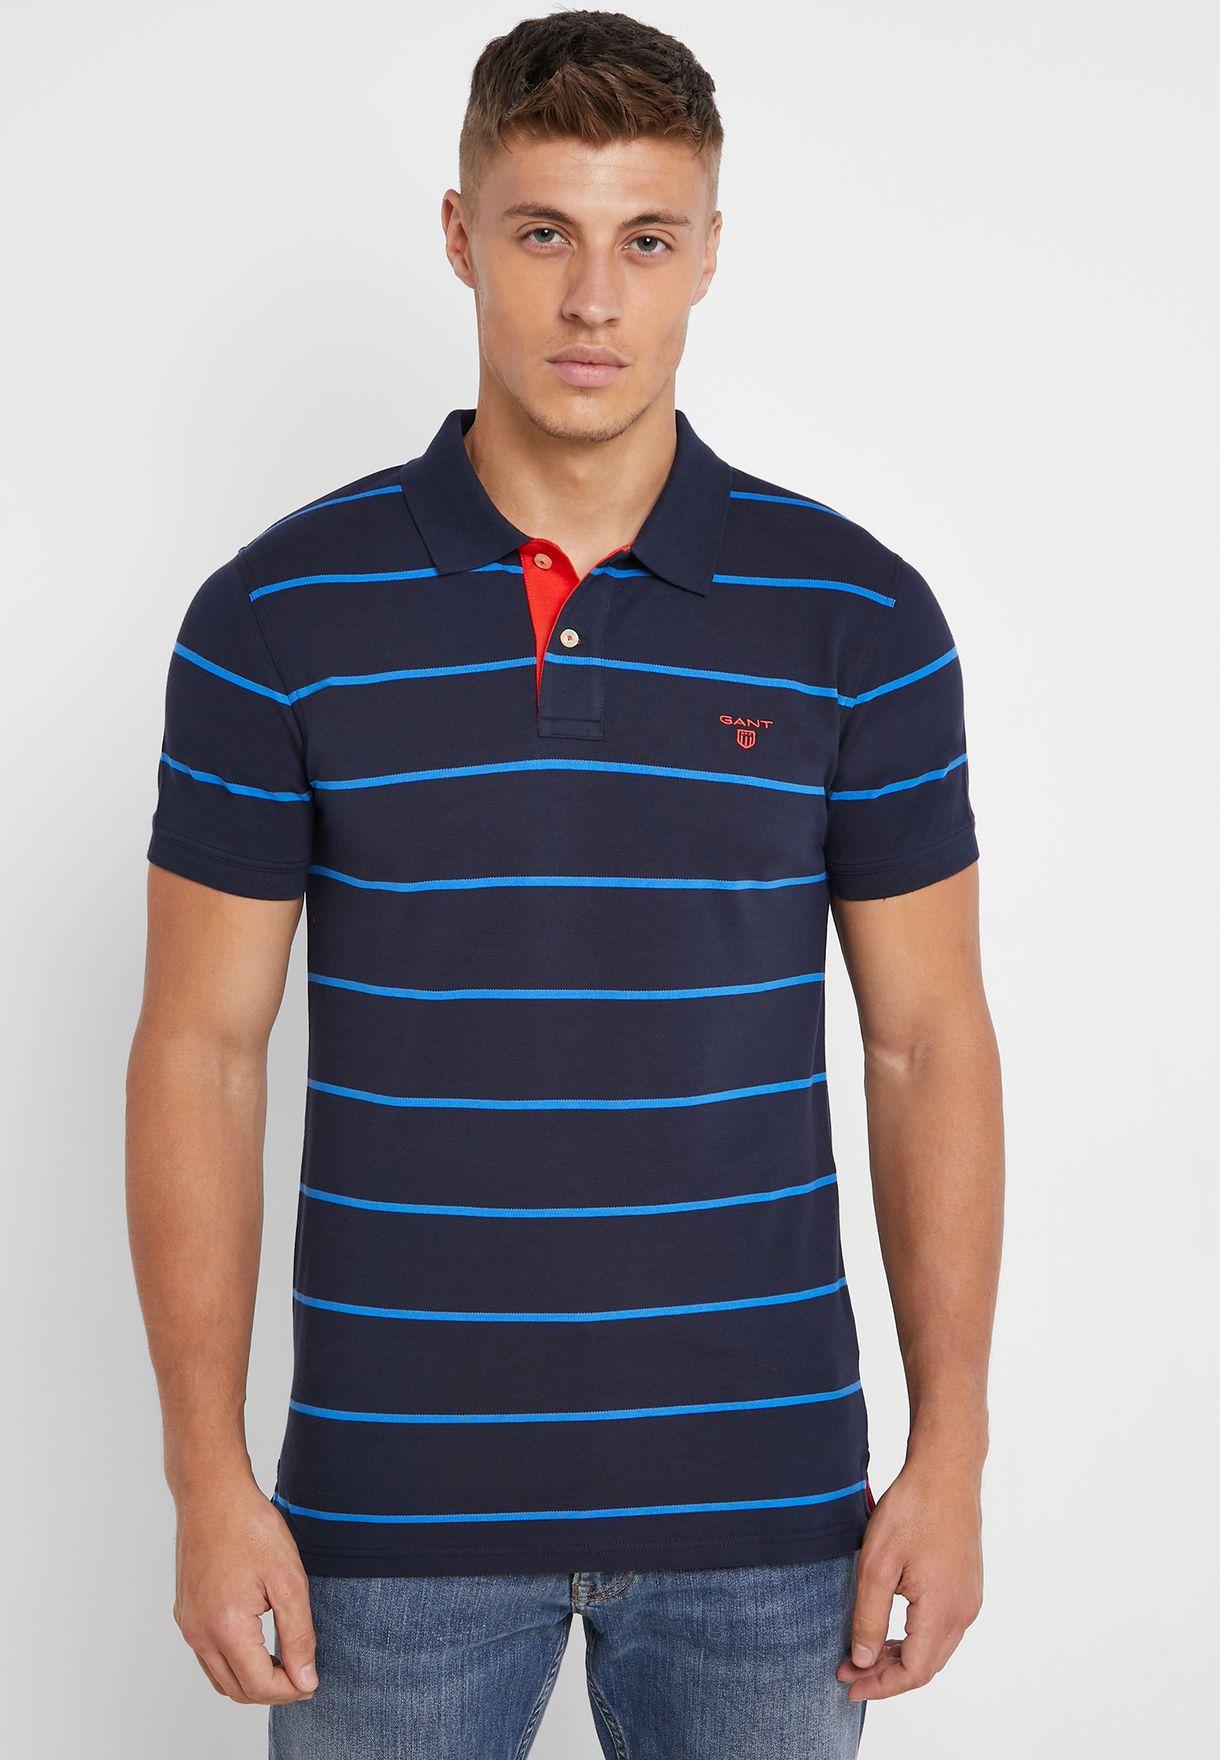 Contrast Striped Pique Polo